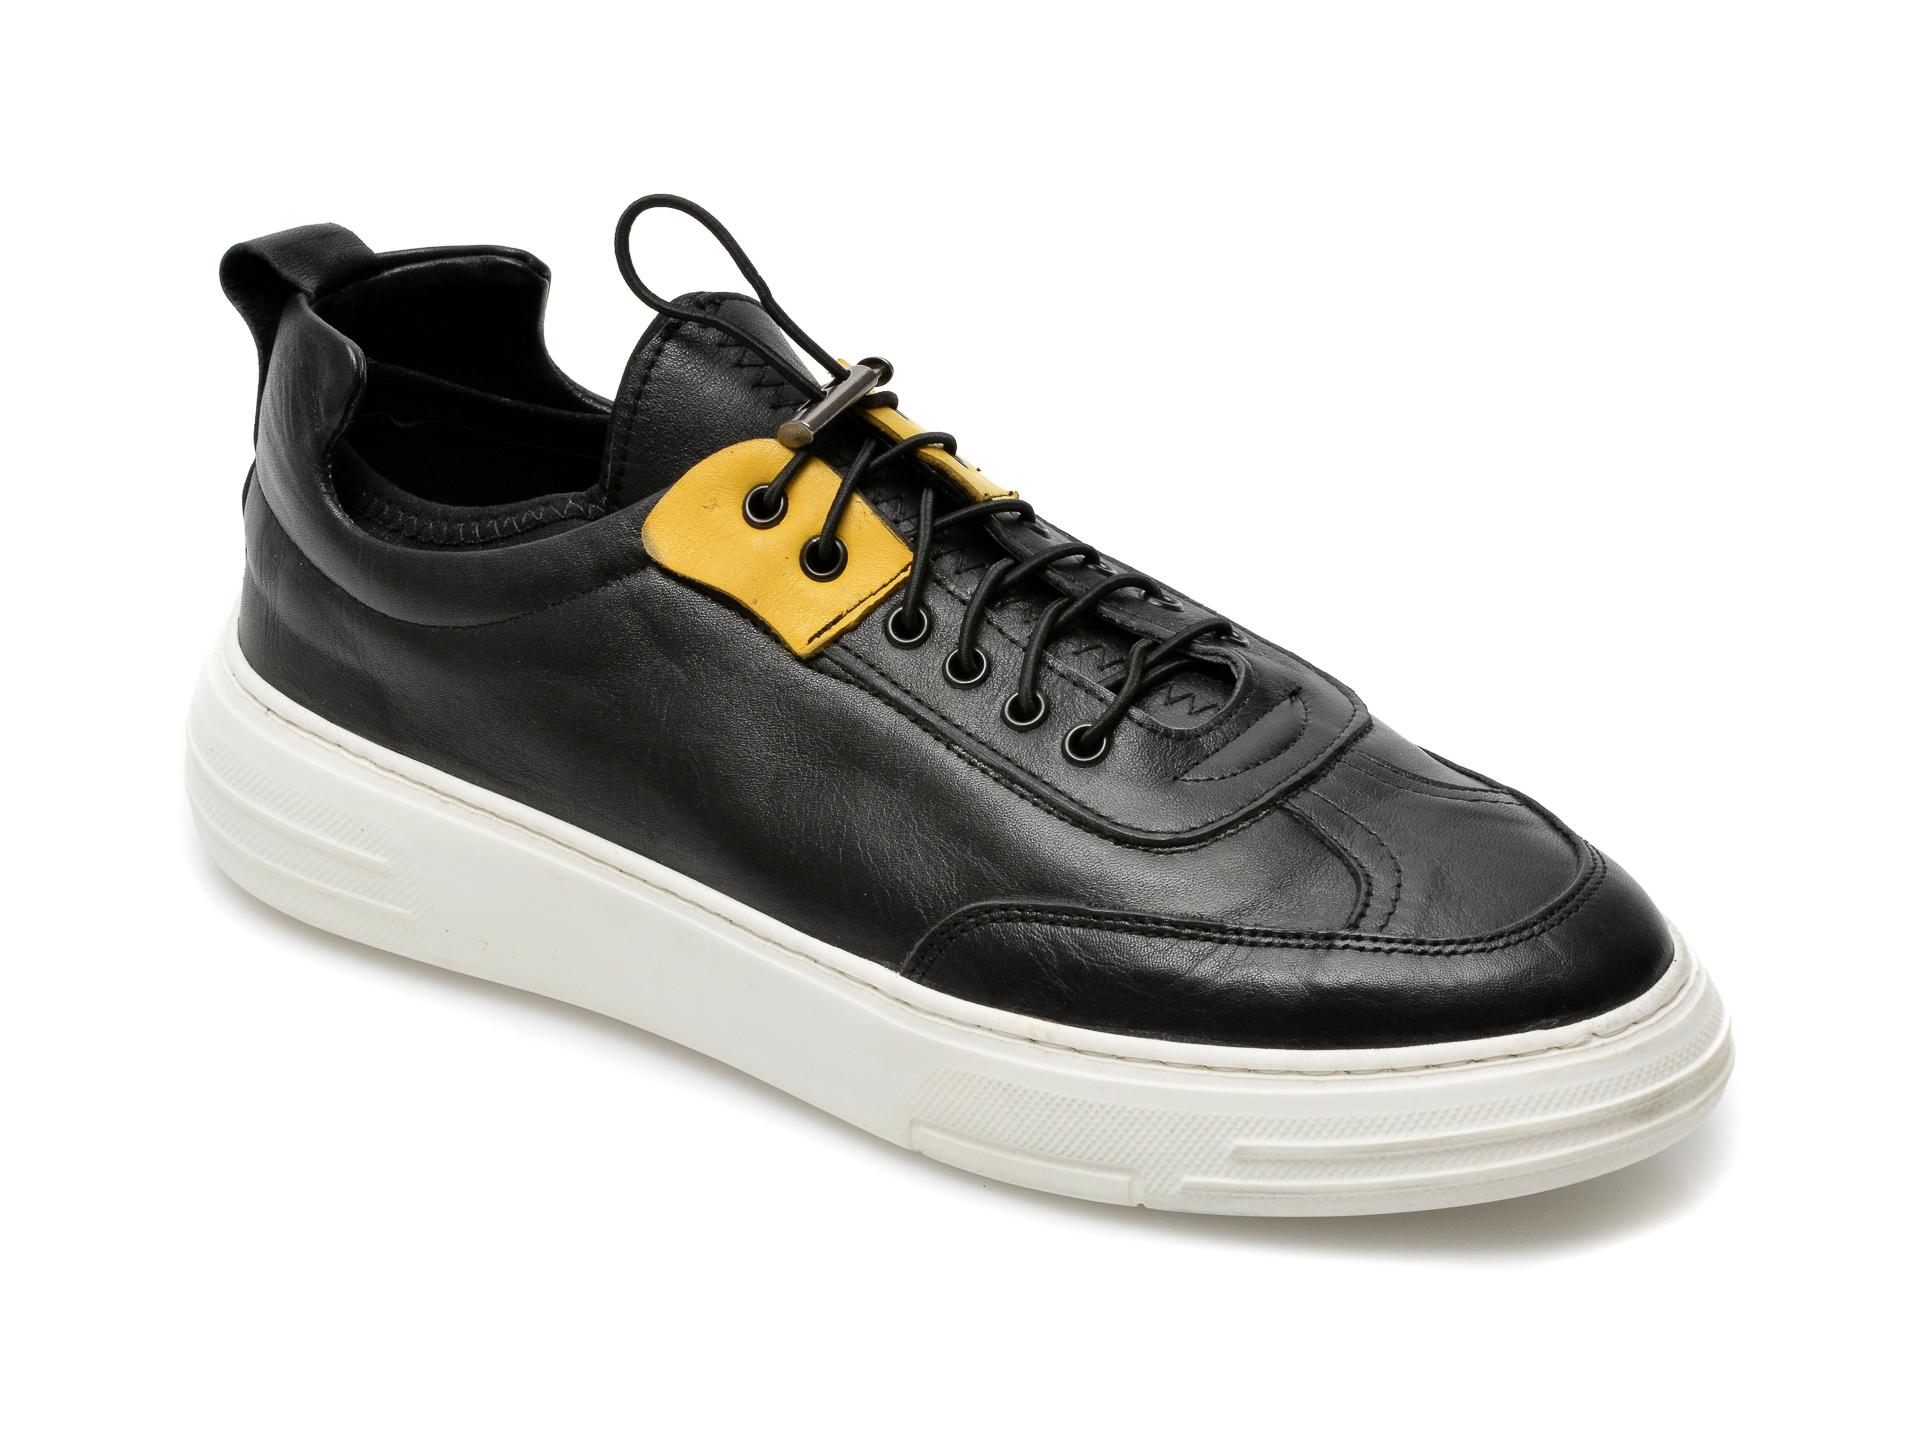 Pantofi OTTER negri, M6050, din piele naturala imagine otter.ro 2021